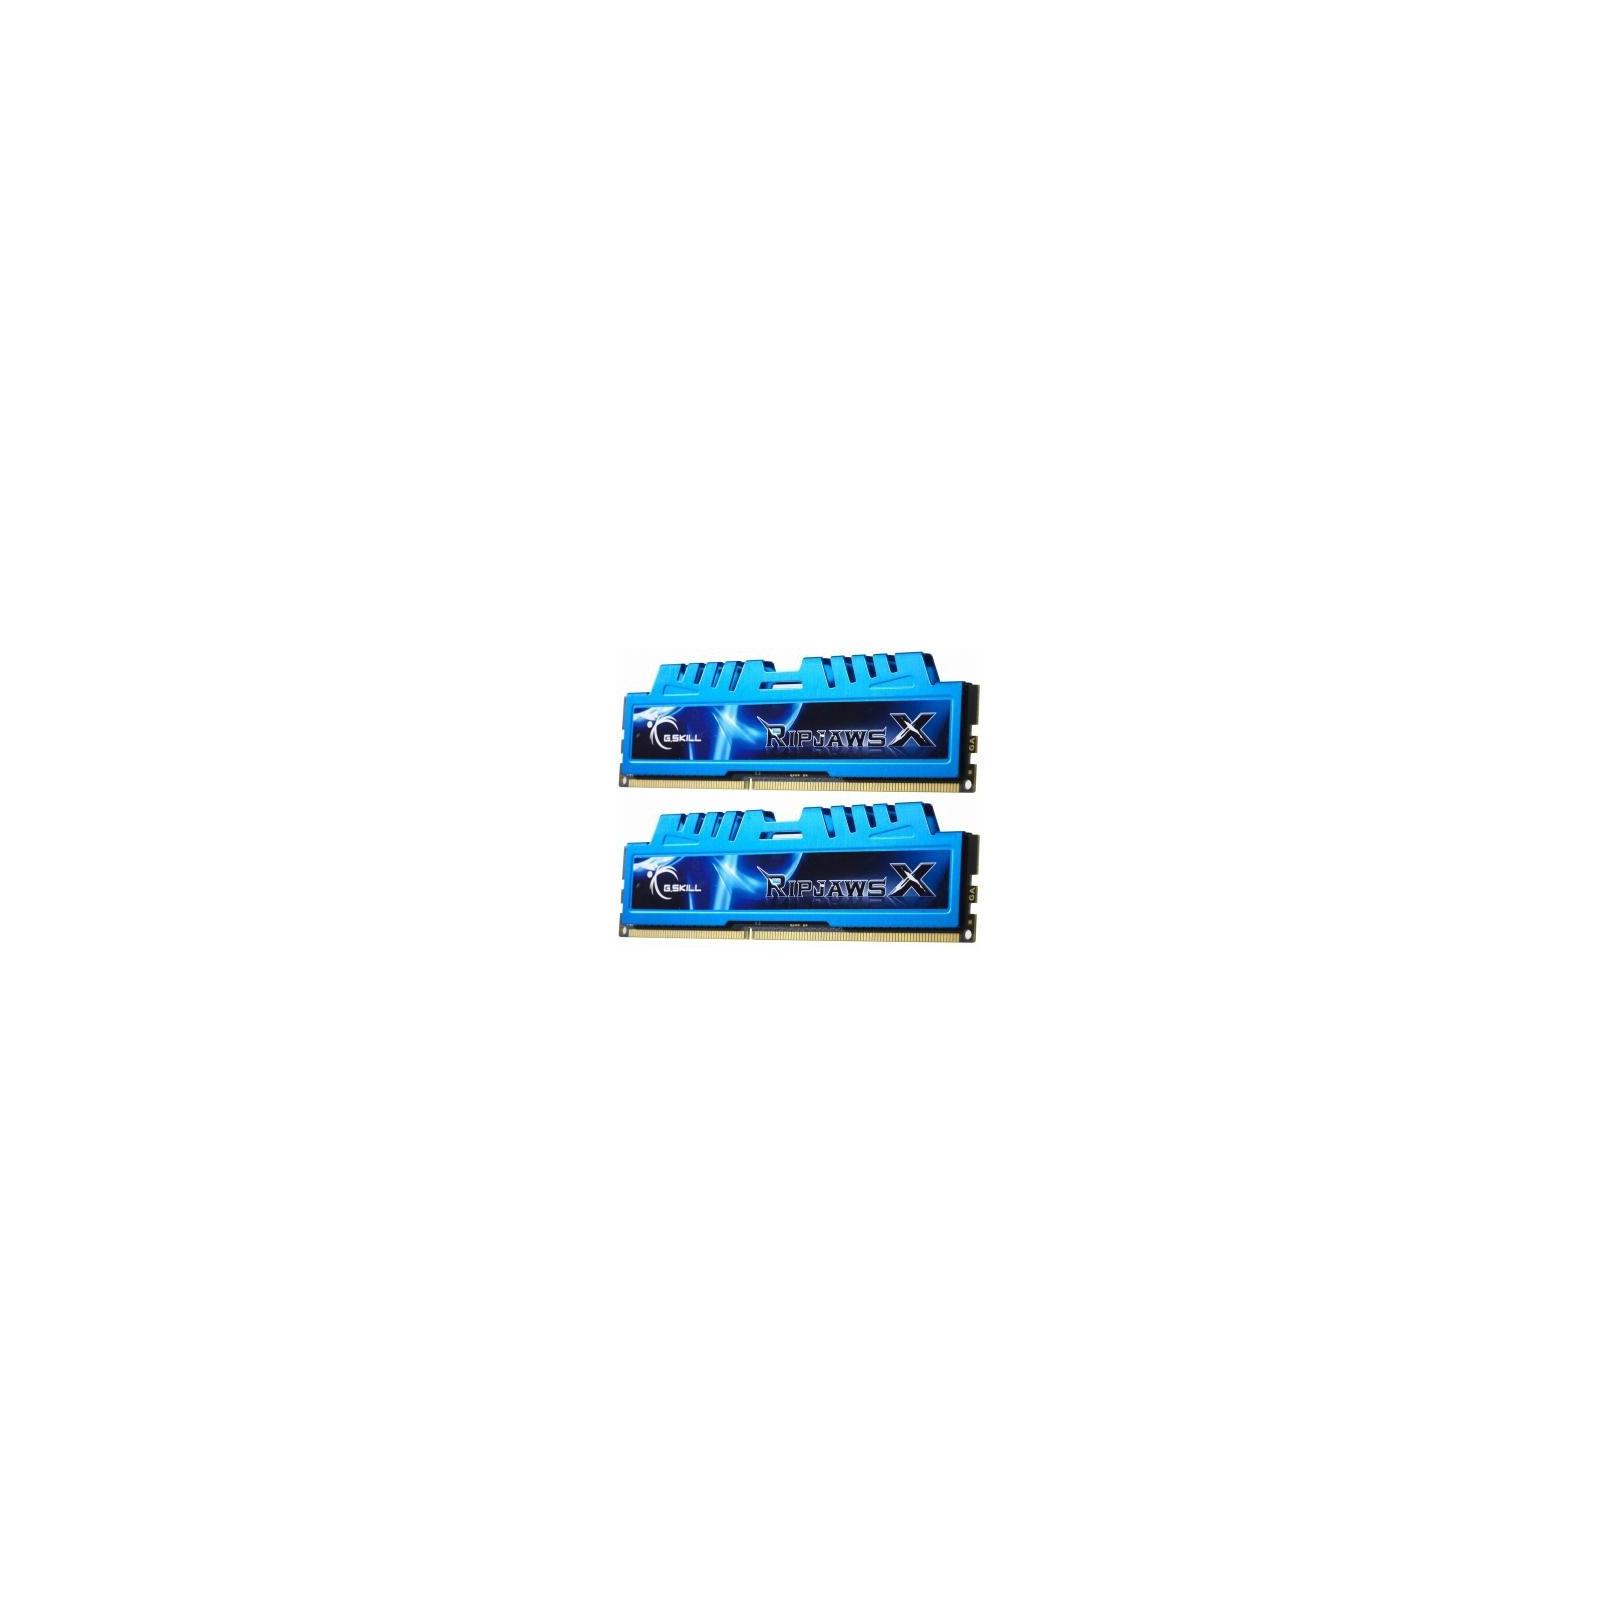 Модуль памяти для компьютера DDR3 8GB (2x4GB) 1866 MHz G.Skill (F3-14900CL8D-8GBXM)